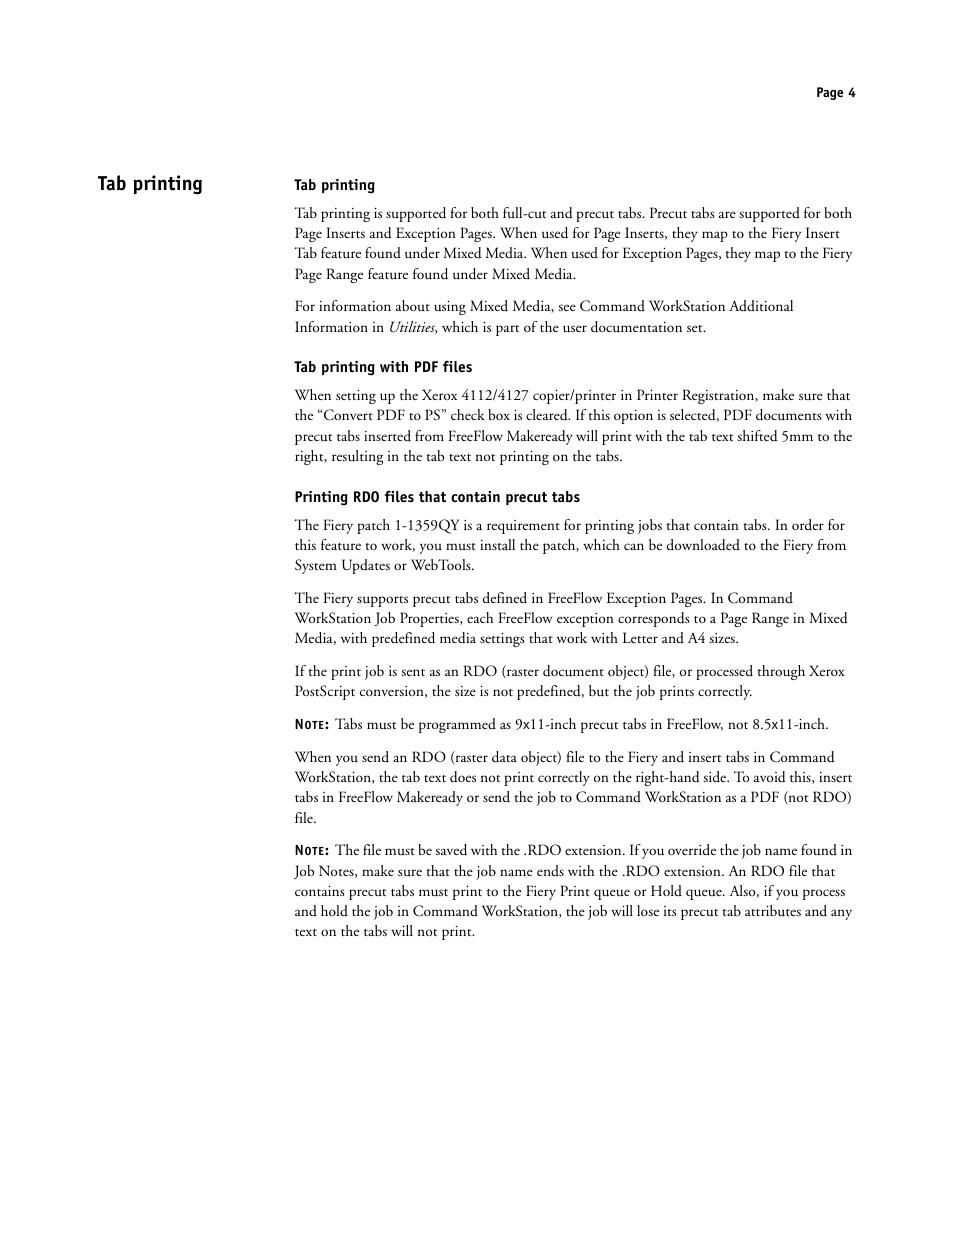 Tab printing, Tab printing with pdf files, Printing rdo